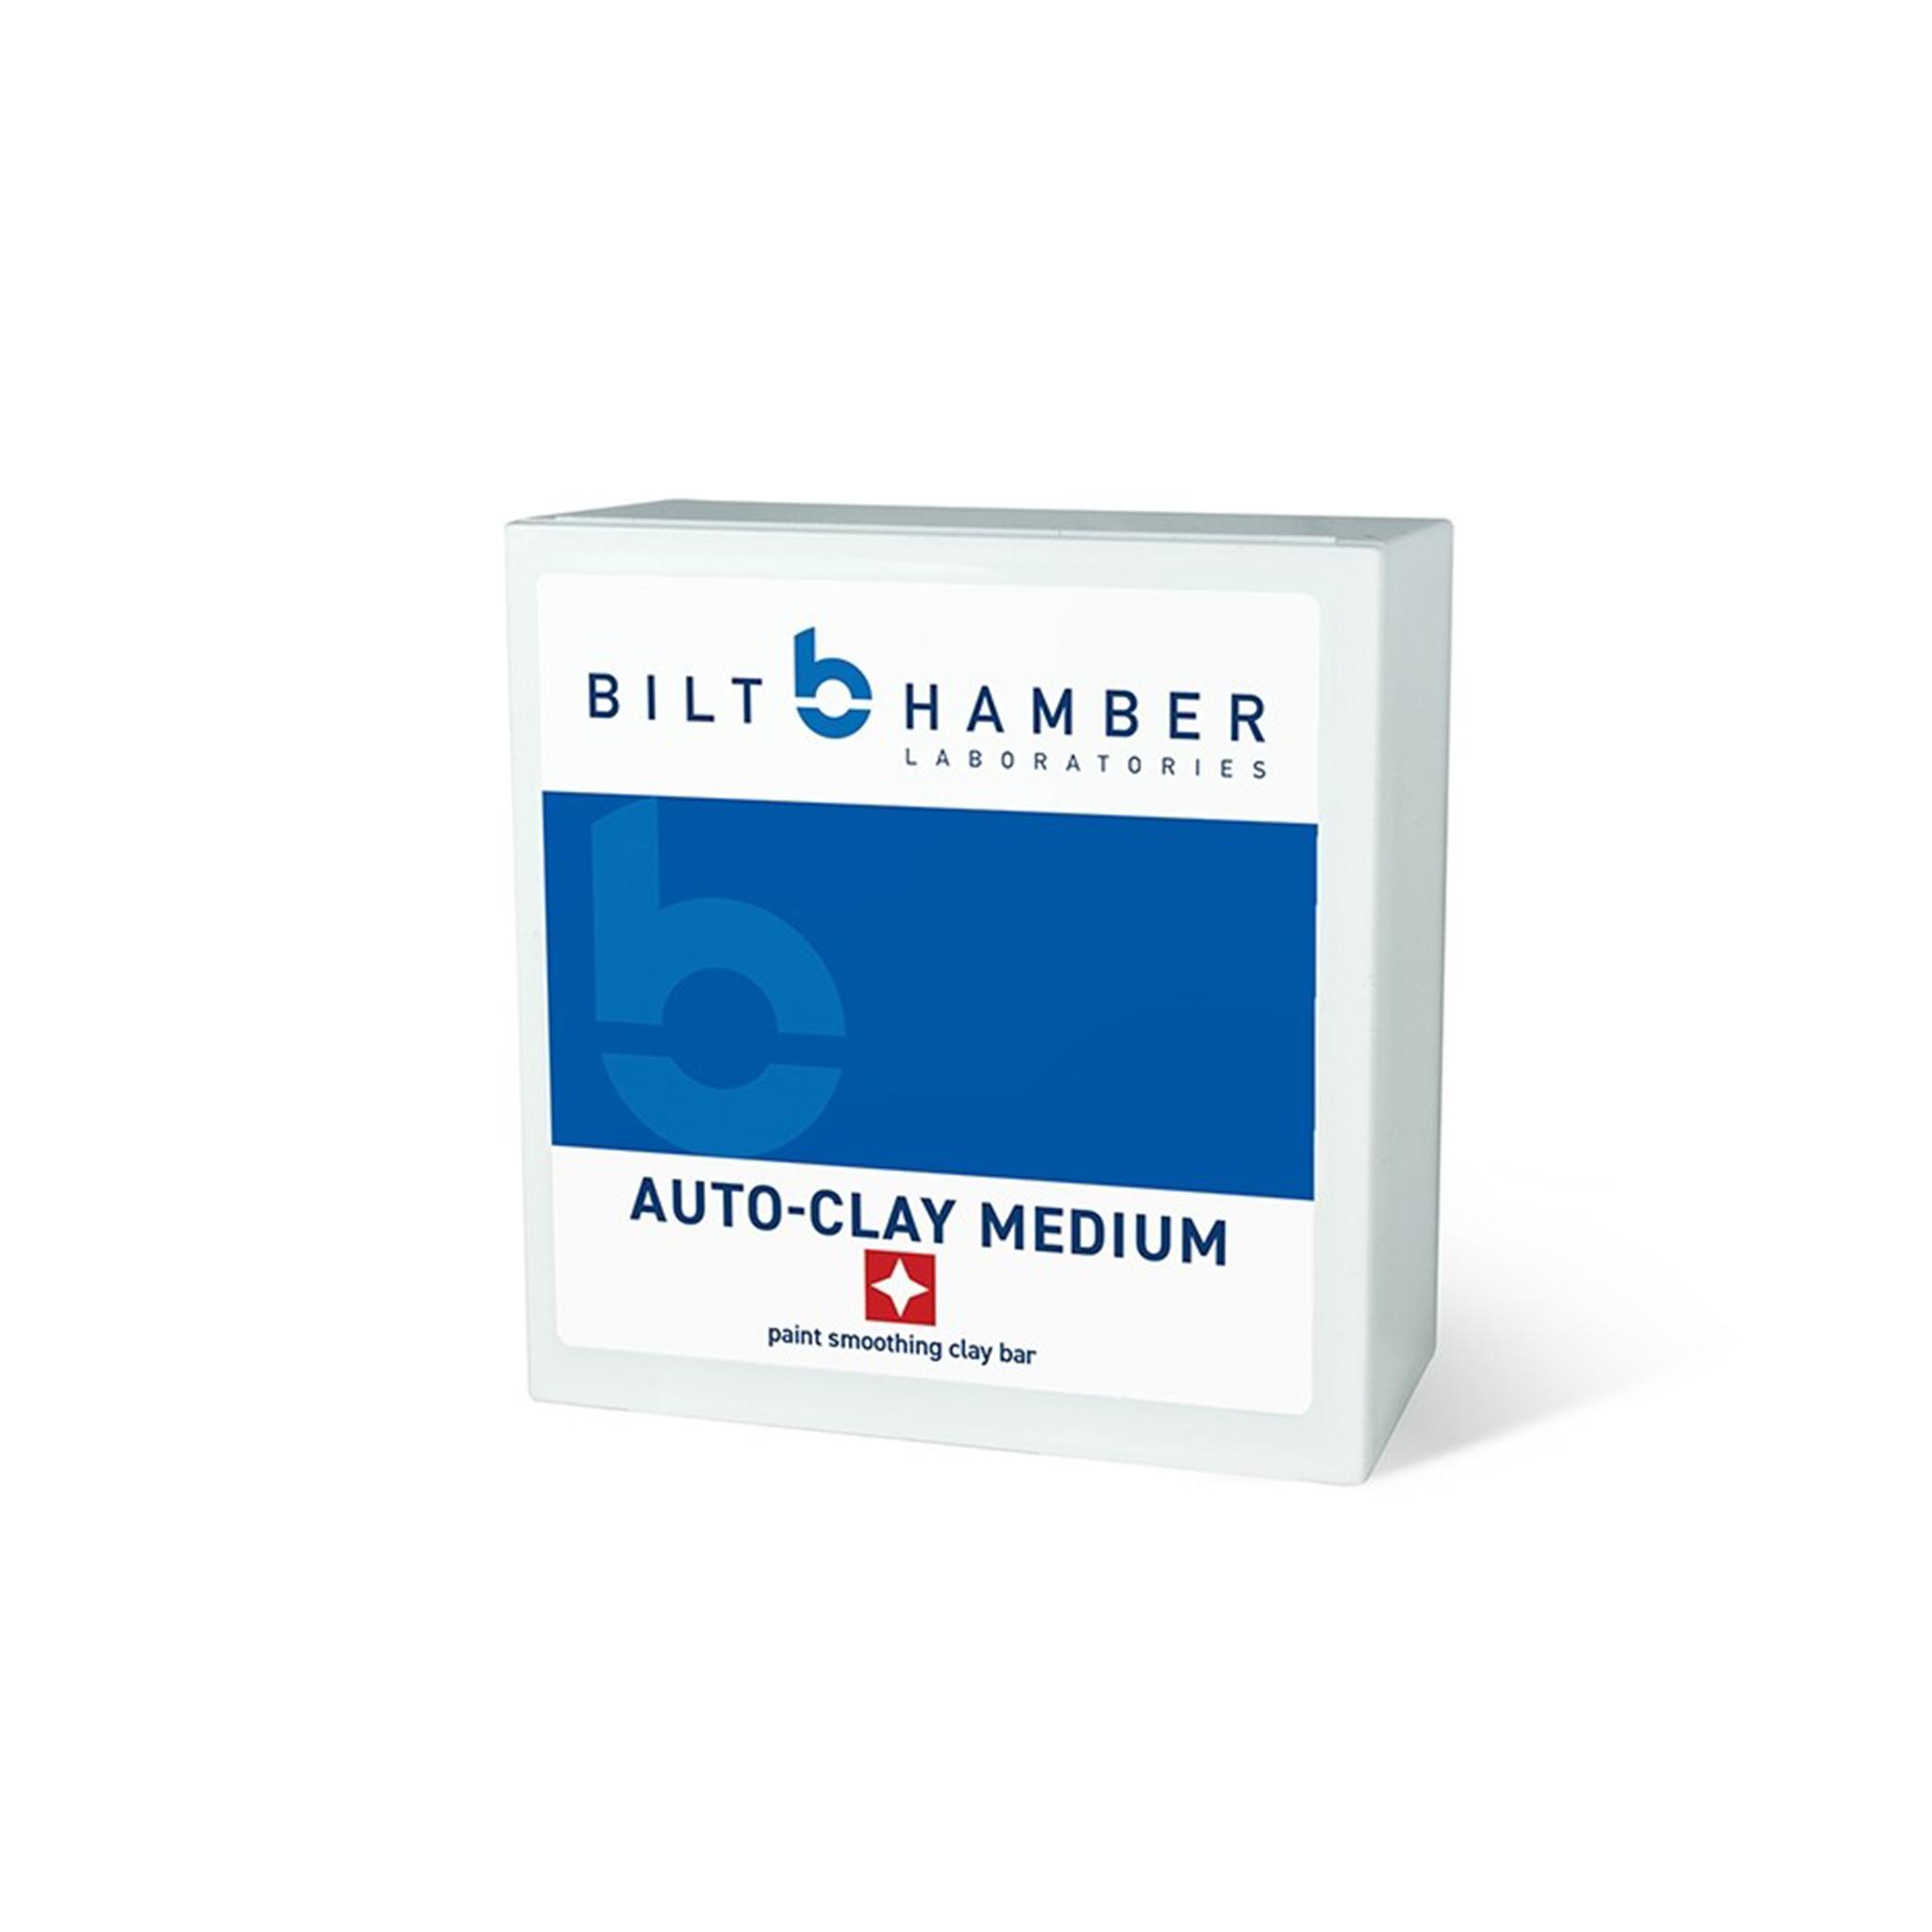 Rengöringslera Bilt Hamber Auto-Clay Medium, 200 g